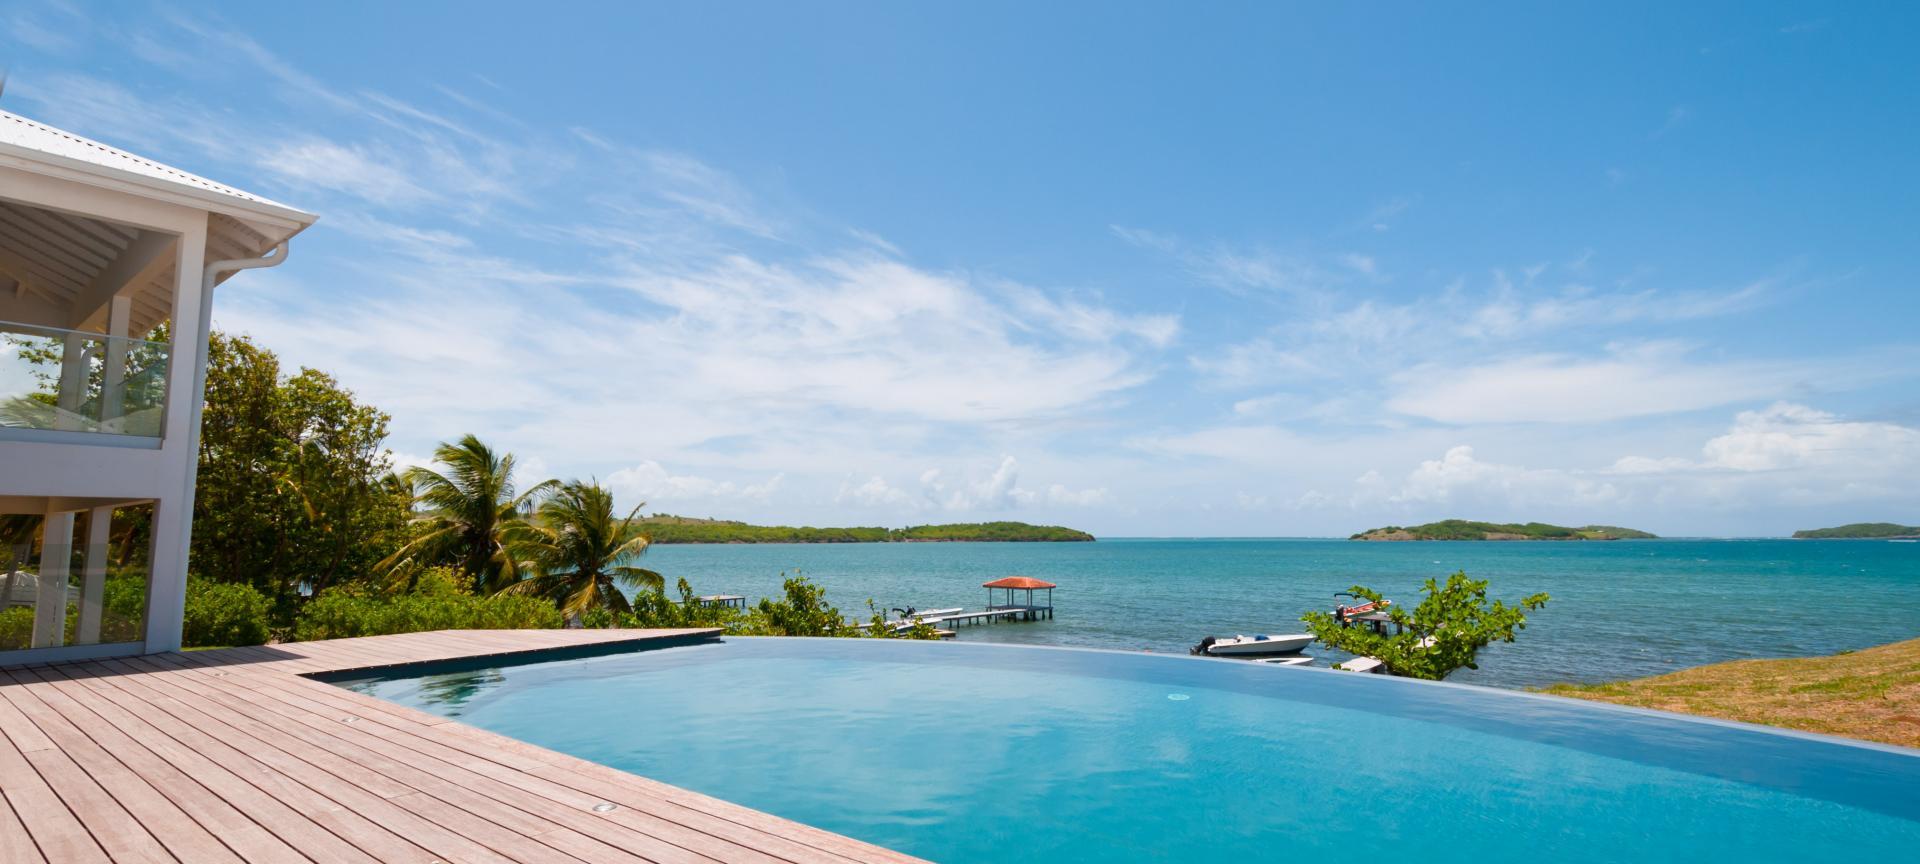 Villa luxe martinique - vue mer